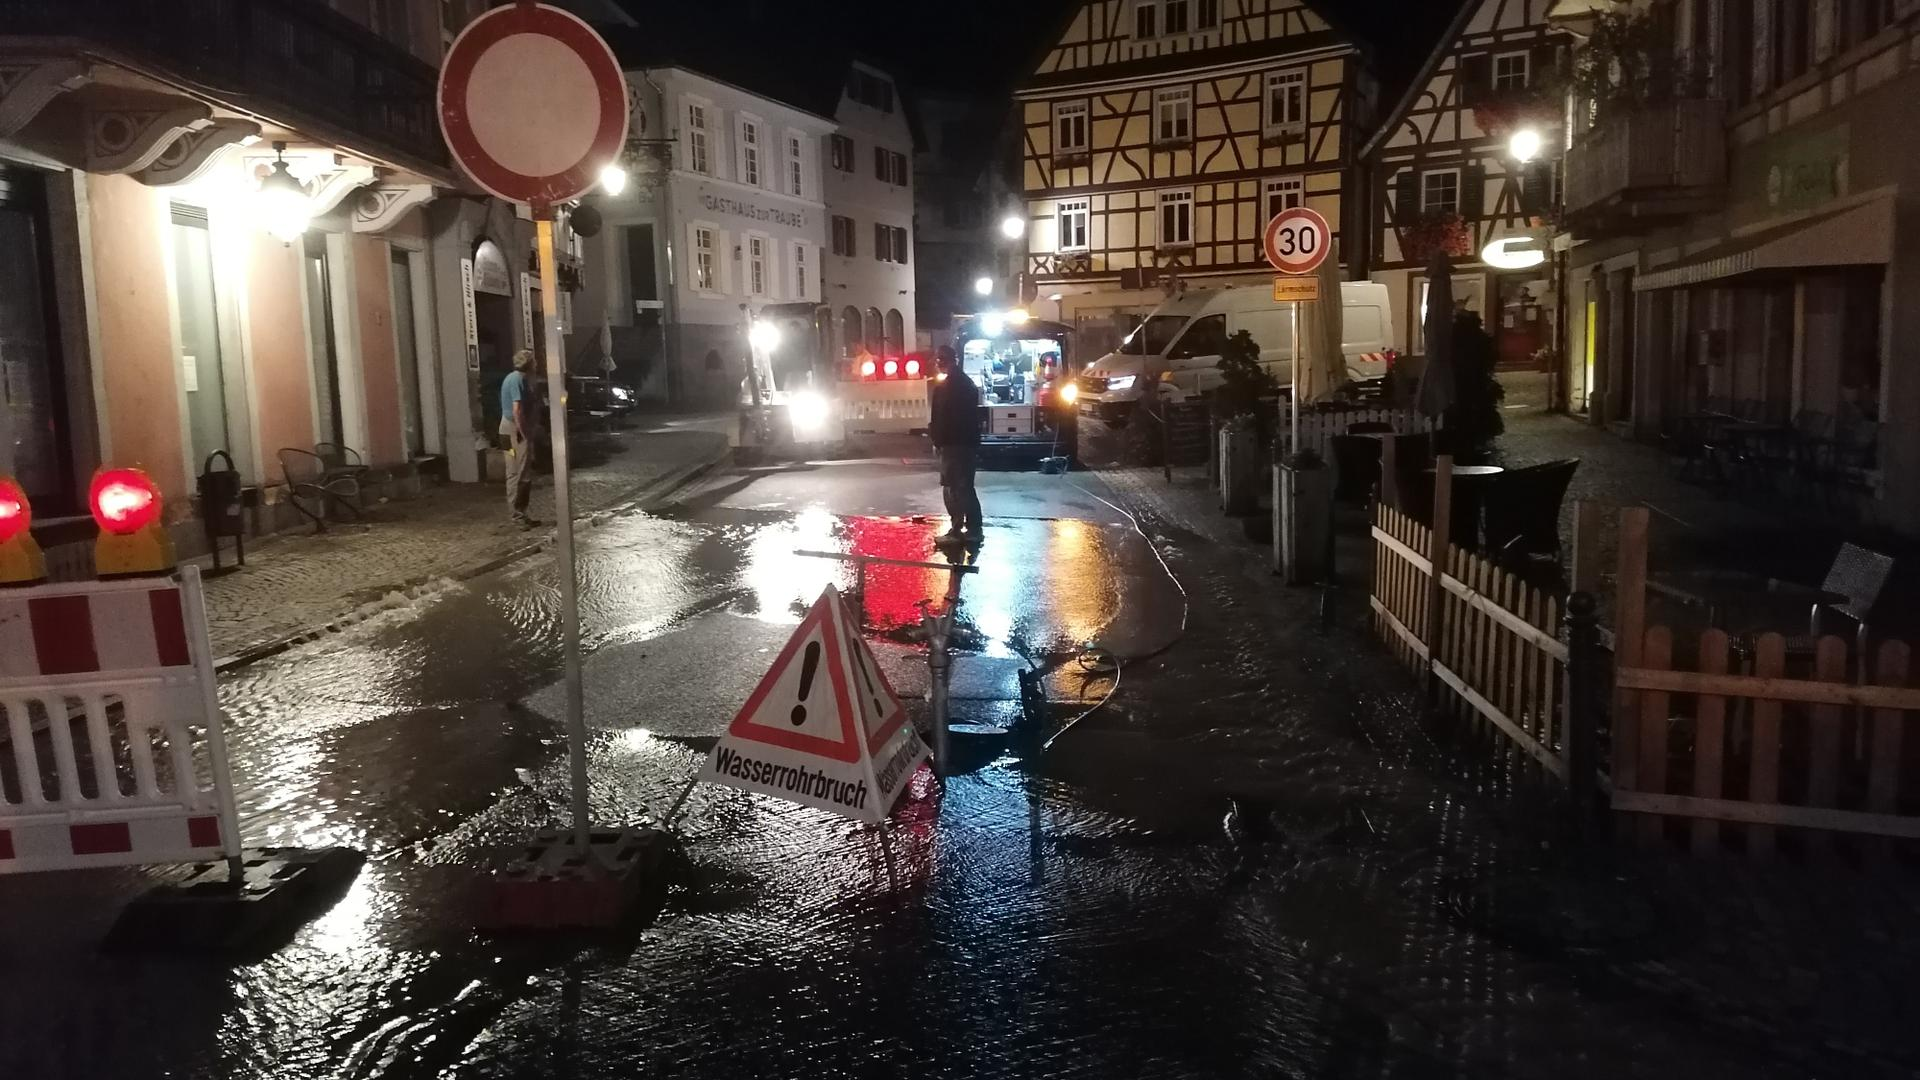 Nach dem Wasserrohrbruch in der Gernsbacher Altstadt musste eine Straße gesperrt werden, weil sie unterspült wurde.